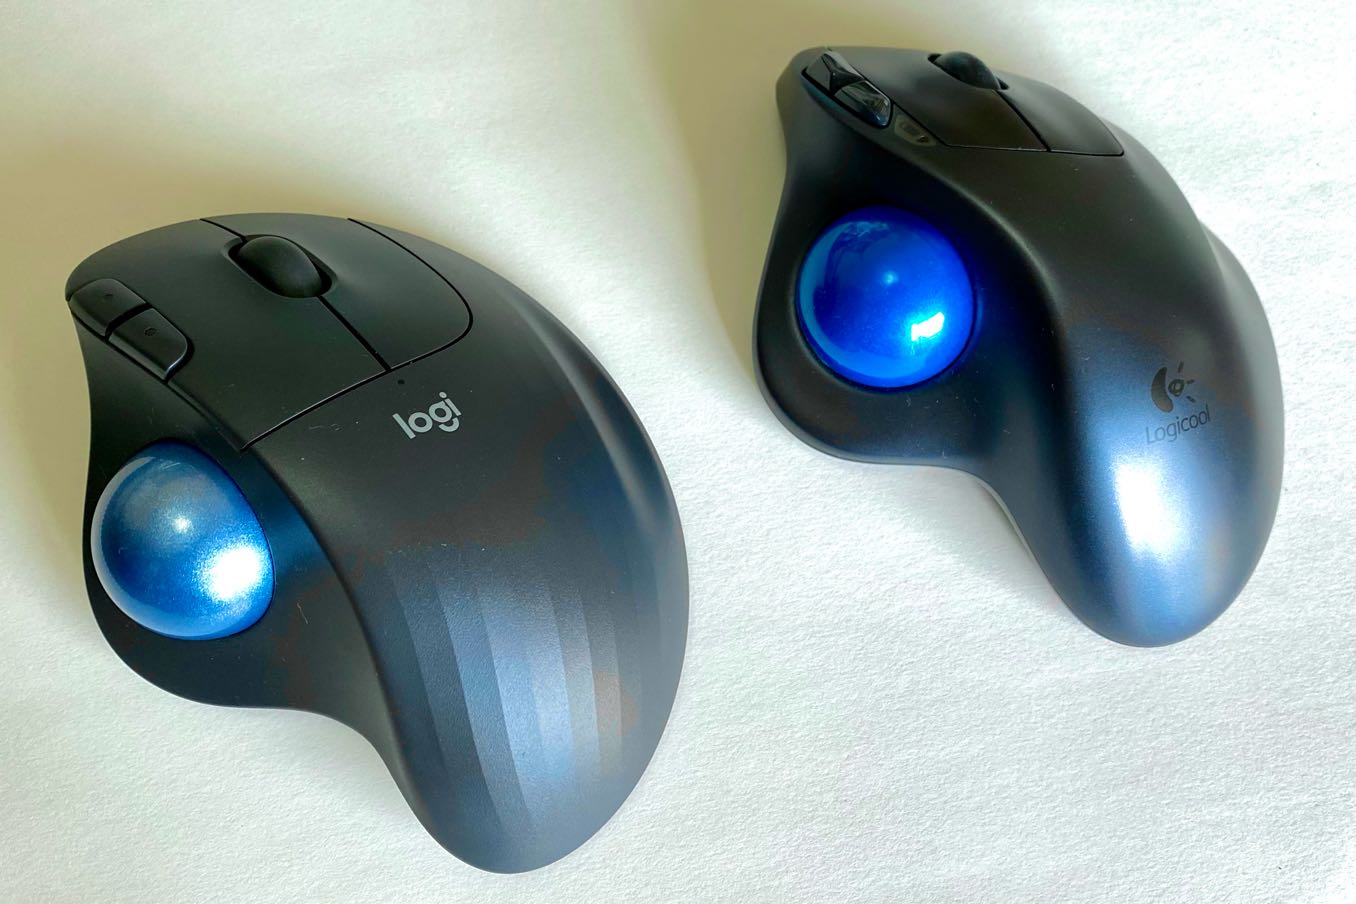 左側が「M575」で、右側が旧製品